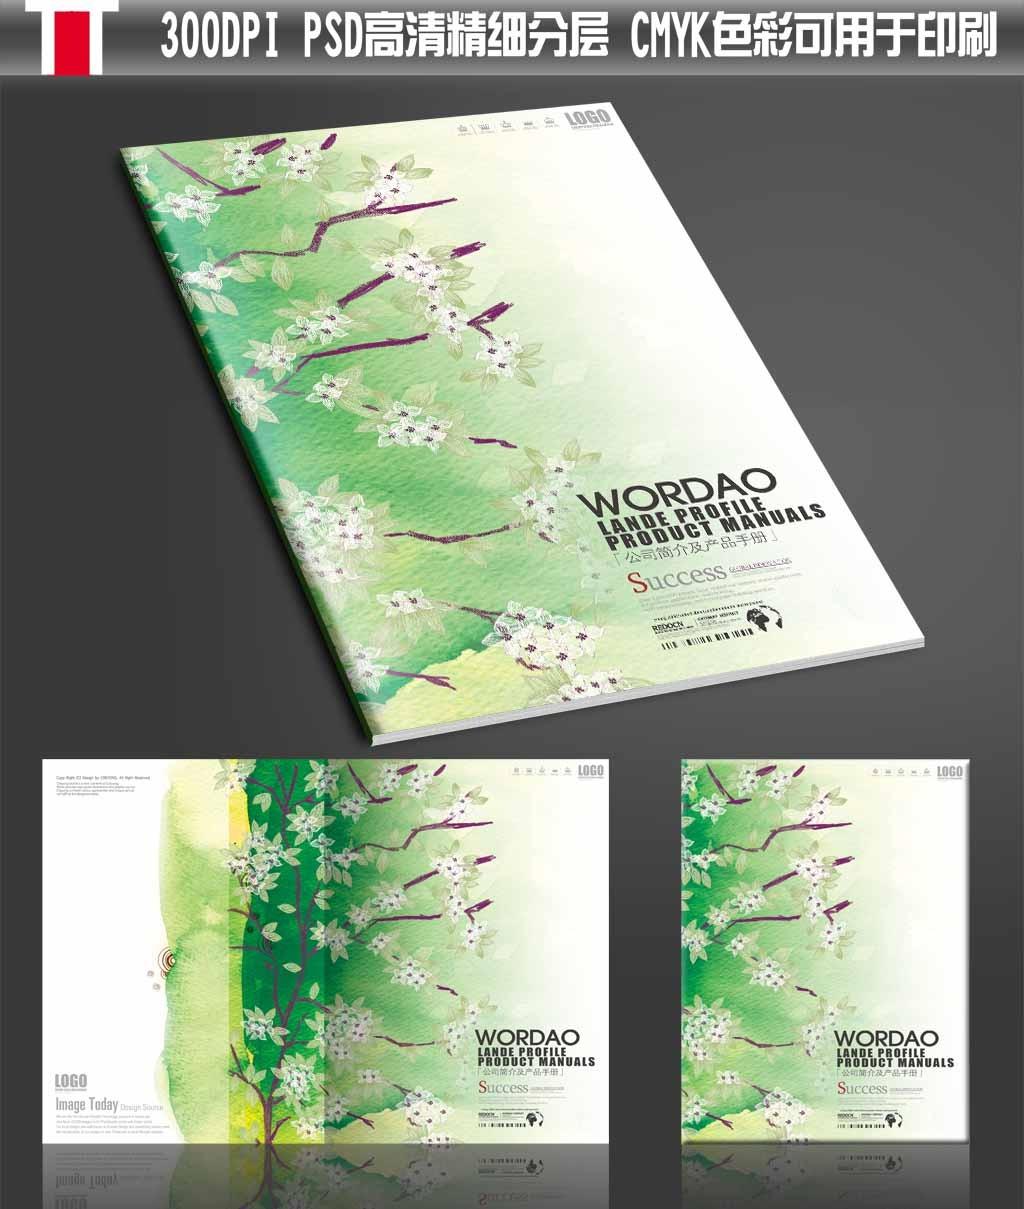 绿色生态手绘水彩淡雅商务企业画册封面